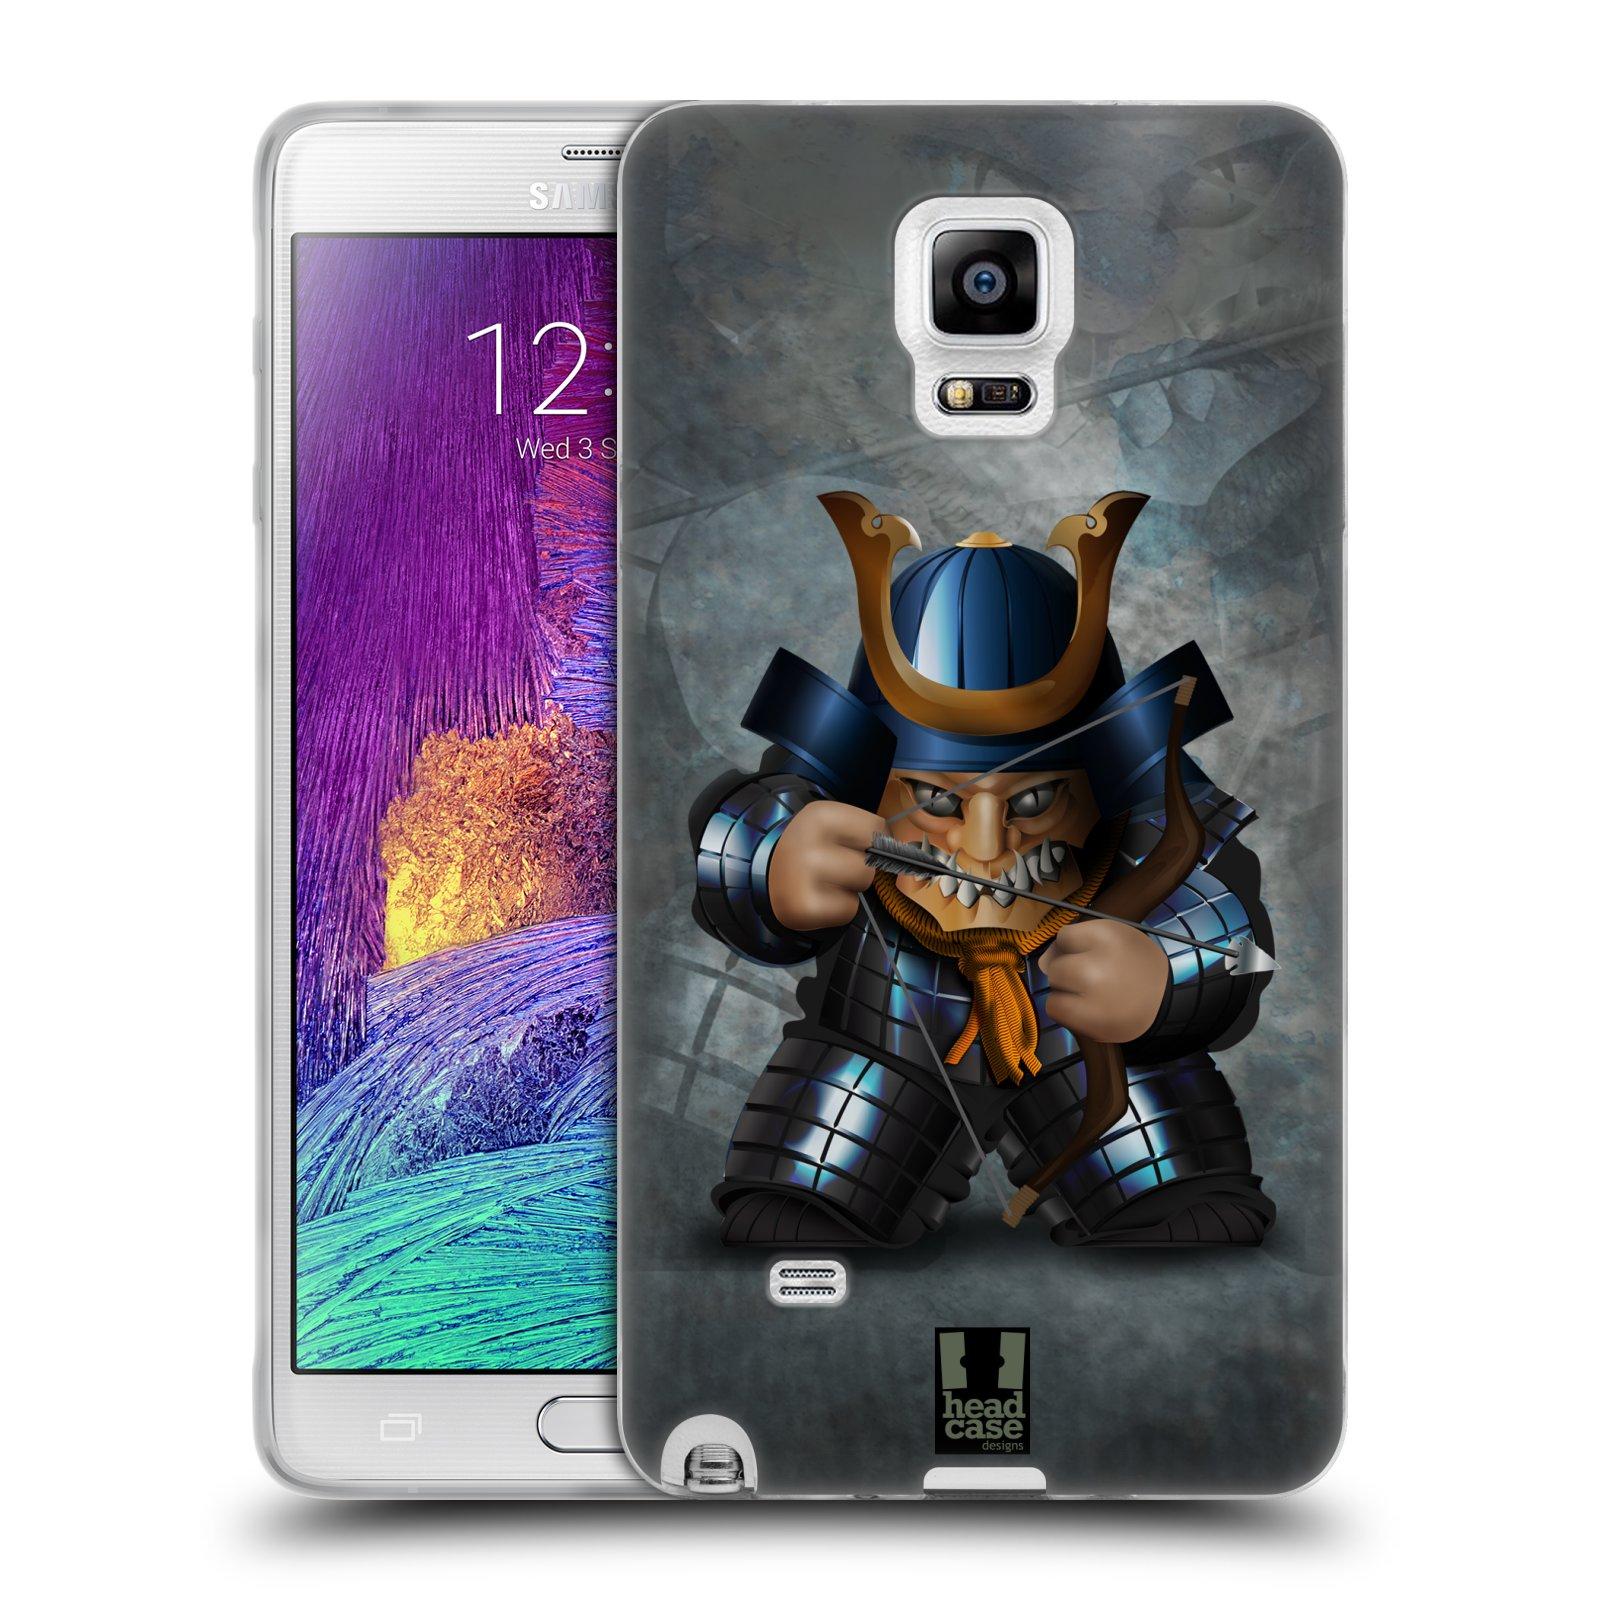 HEAD CASE silikonový obal na mobil Samsung Galaxy Note 4 (N910) vzor Malí bojovníci SHOGUN STŘELEC